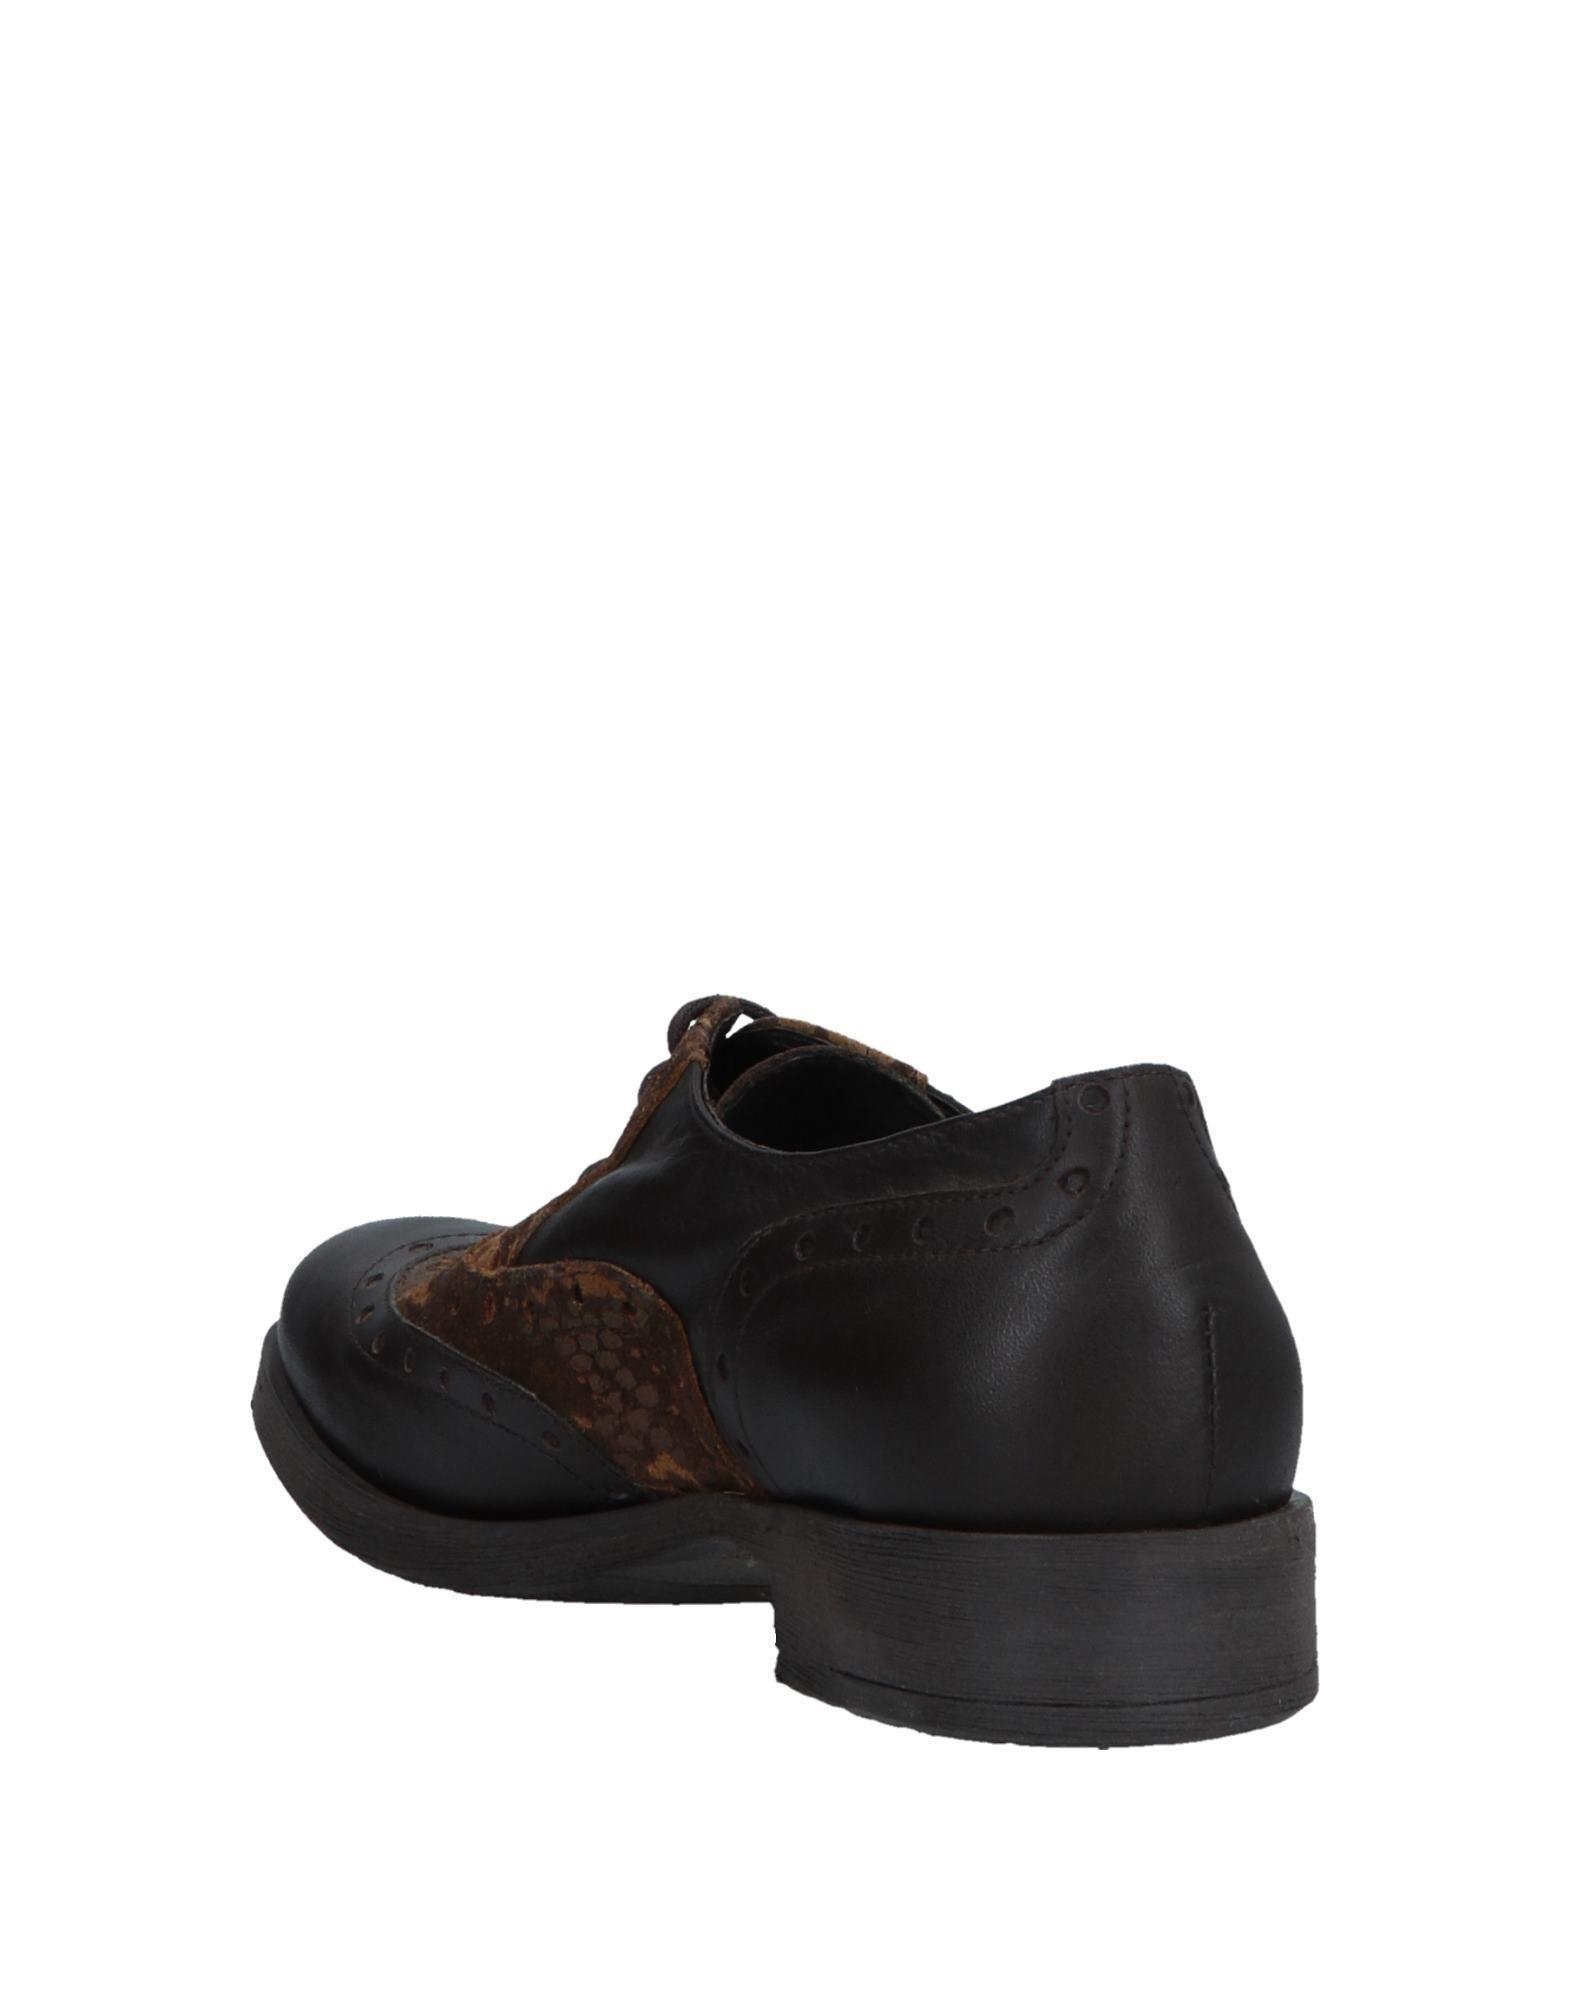 Zapatos de cordones Piampiani de Cuero de color Marrón